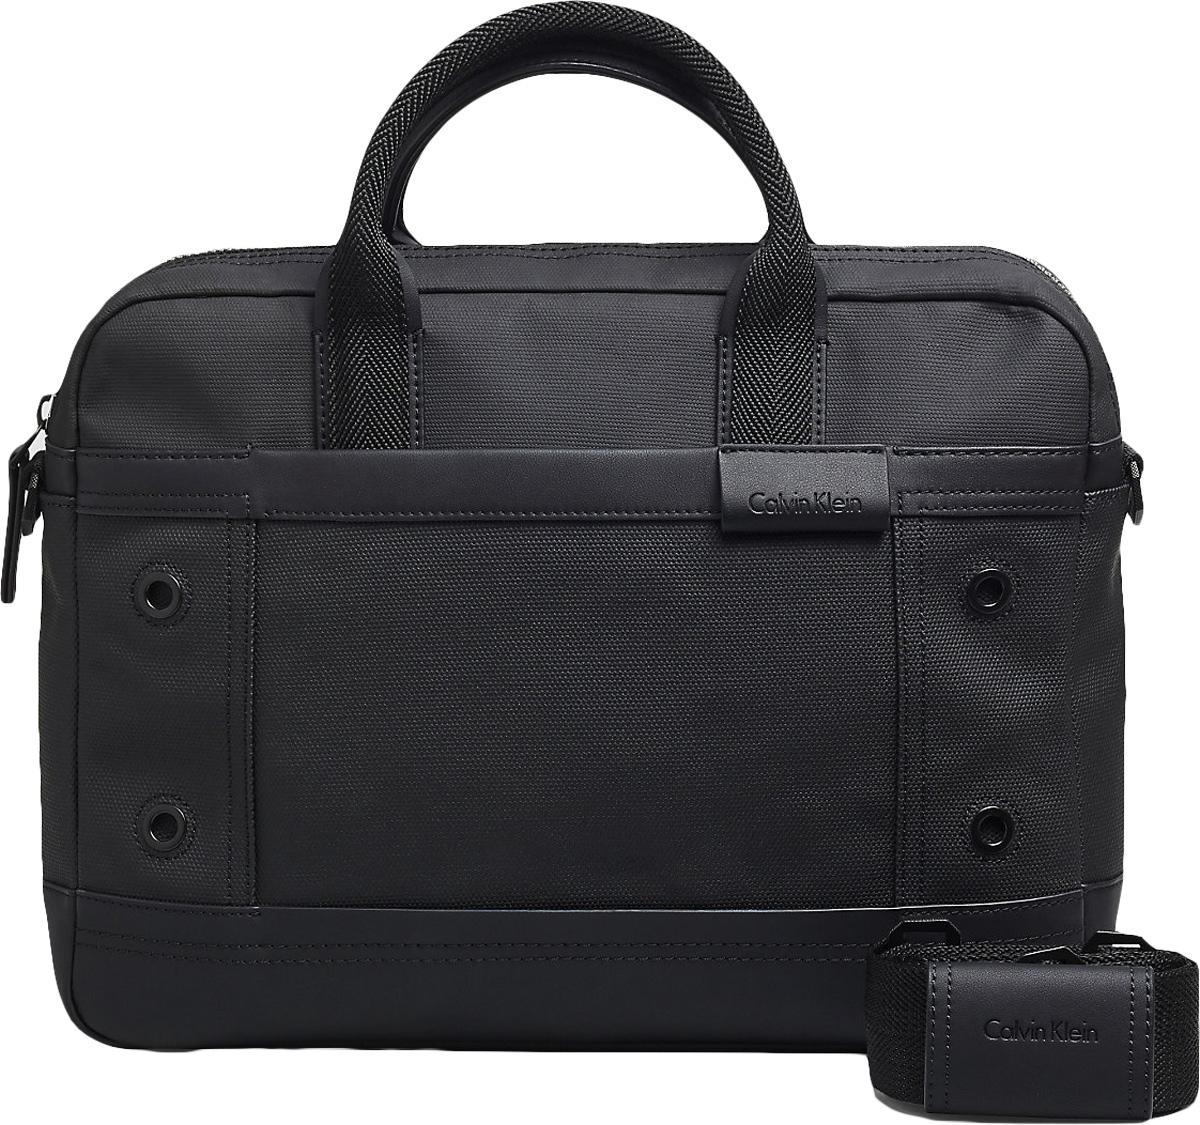 Сумка мужская Calvin Klein Jeans, цвет: черный. K50K502351_0010101225Стильная мужская сумка Calvin Klein Jeans выполнена из полиуретана и хлопка. Изделие имеет одно отделение, которое закрывается на застежку-молнию. Внутри сумки расположено отделение для ноутбука на липучке и два открытых кармана. Снаружи, на передней стенке находится нашивной карман на магнитной кнопке, на задней стенке - дополнительный открытый нашивной карман. Сумка оснащена двумя удобными ручками. В комплект входит съемный наплечный ремень, который регулируется по длине.Стильная сумка идеально подчеркнет ваш неповторимый стиль.